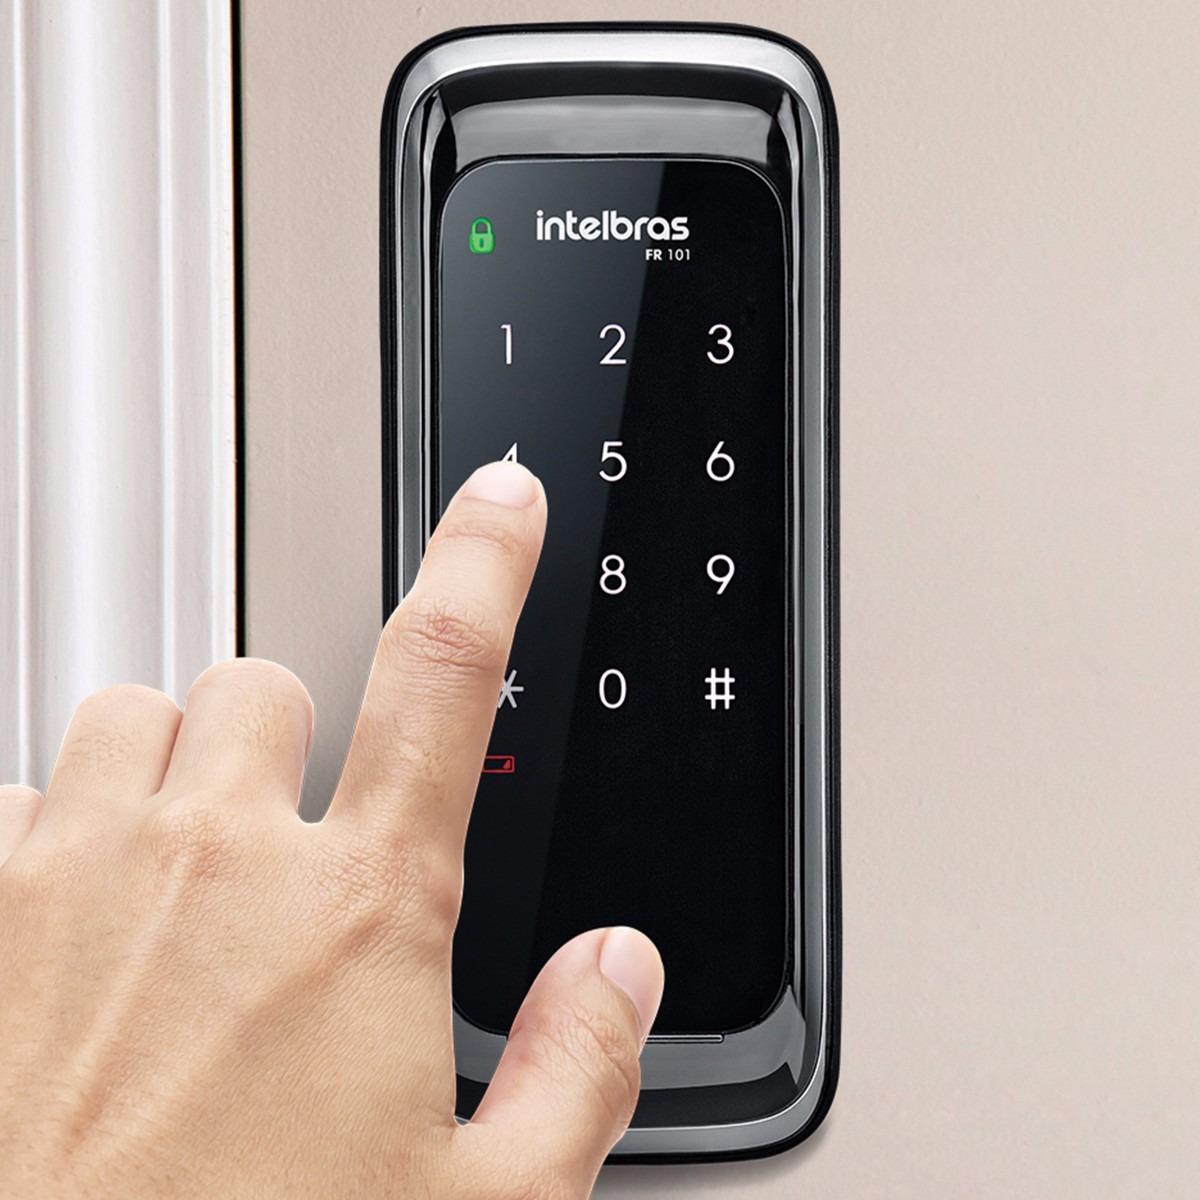 Fechadura Digital Intelbras FR 101 é Boa, pois traz vários recursos interessantes de segurança.